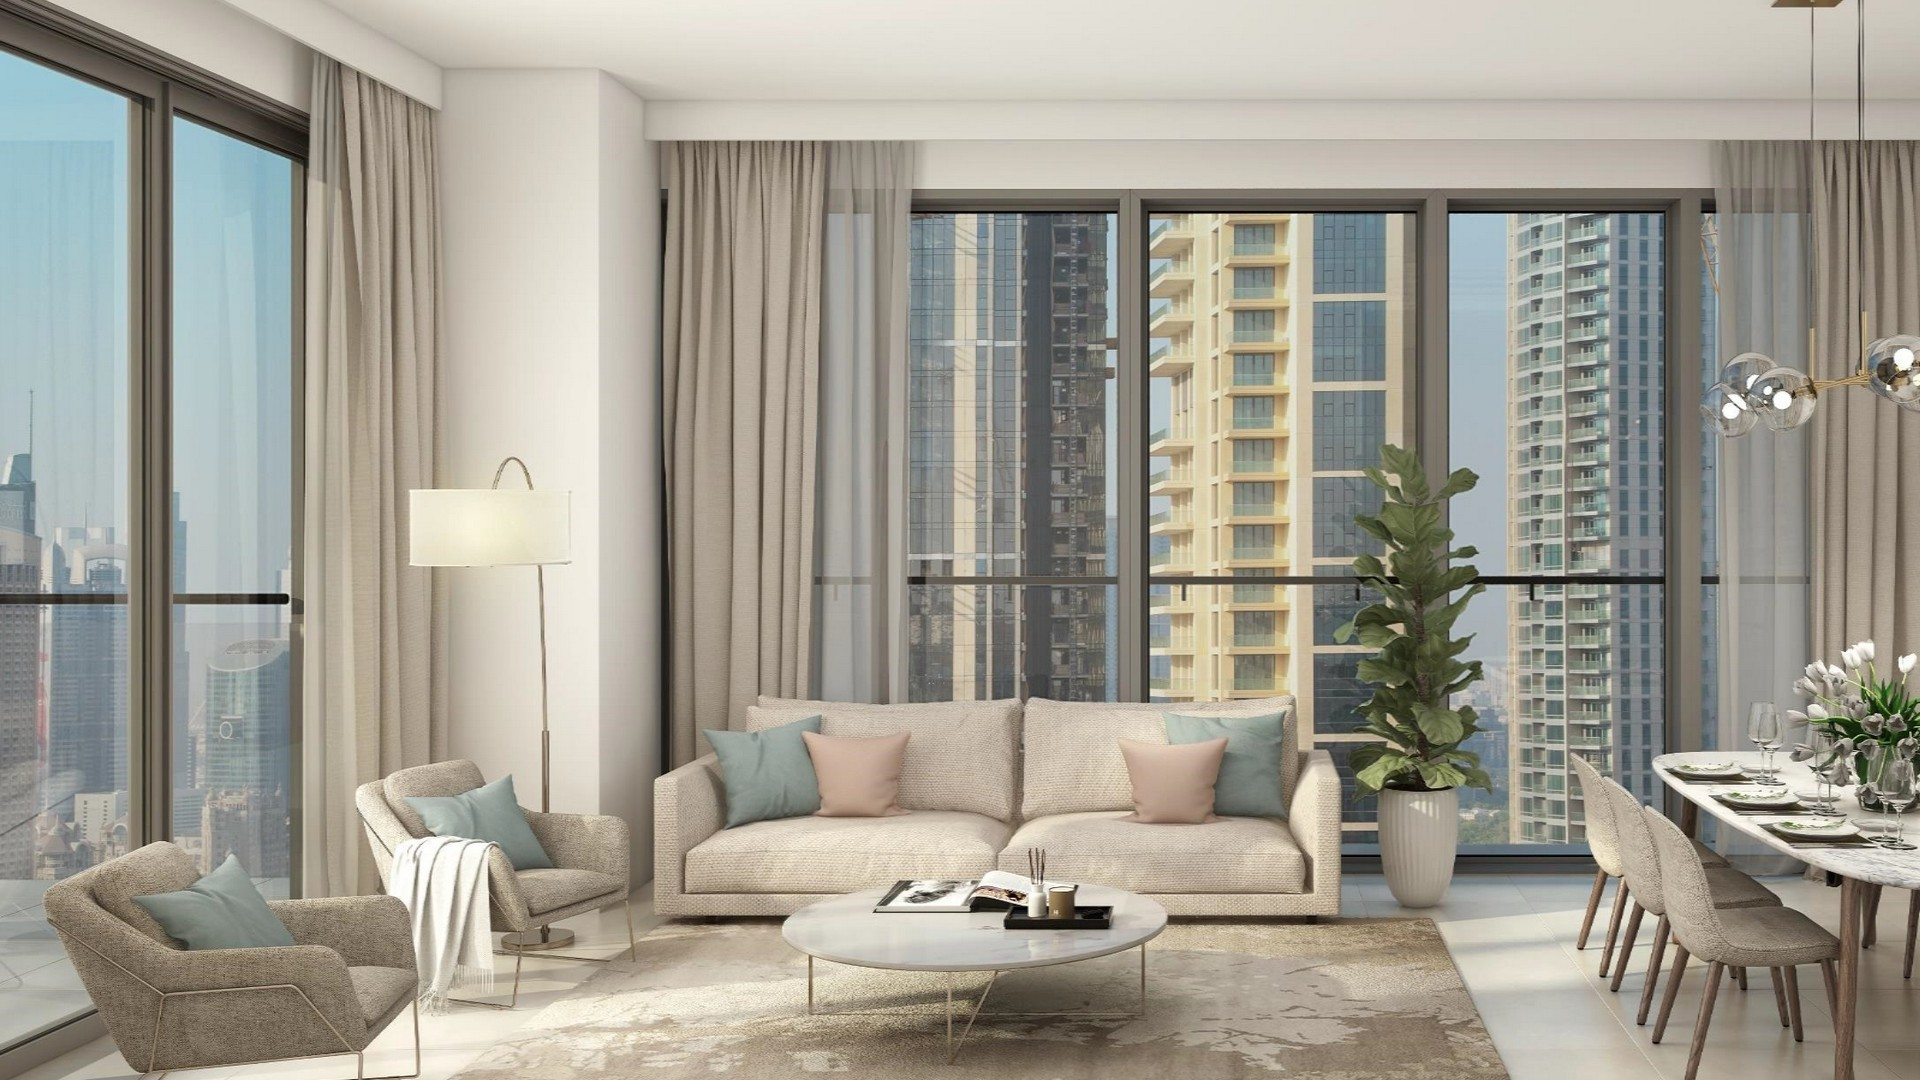 Apartamento en venta en Dubai, EAU, 3 dormitorios, 122 m2, № 24082 – foto 1